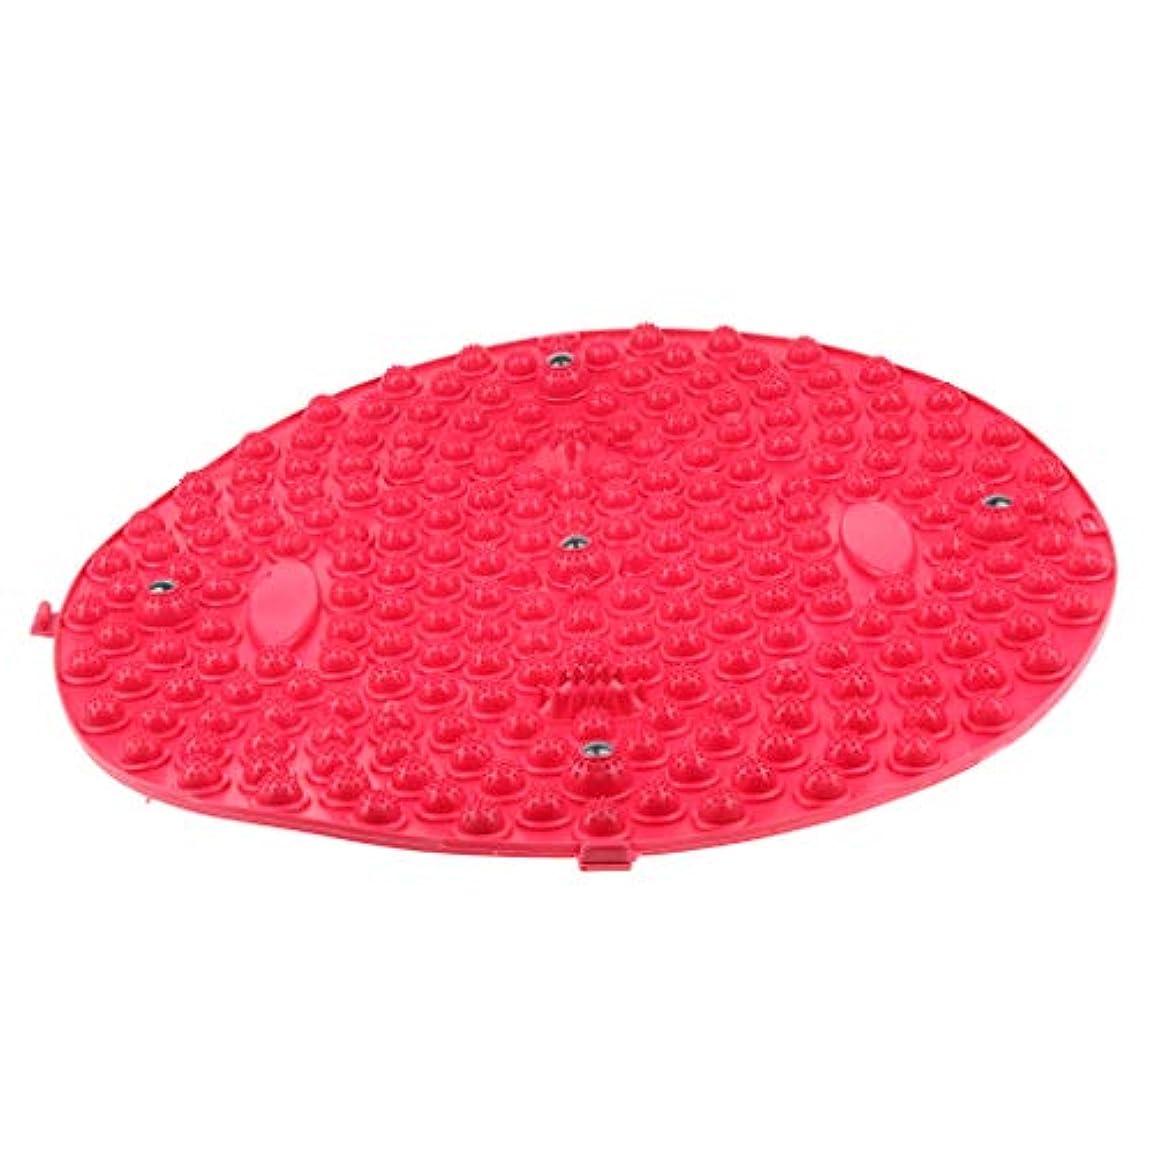 制限されたトランペットフロントchiwanji TPEヨガフットフィートマッサージマットテンションリリースパッドボディ筋肉リラクゼーション - 赤